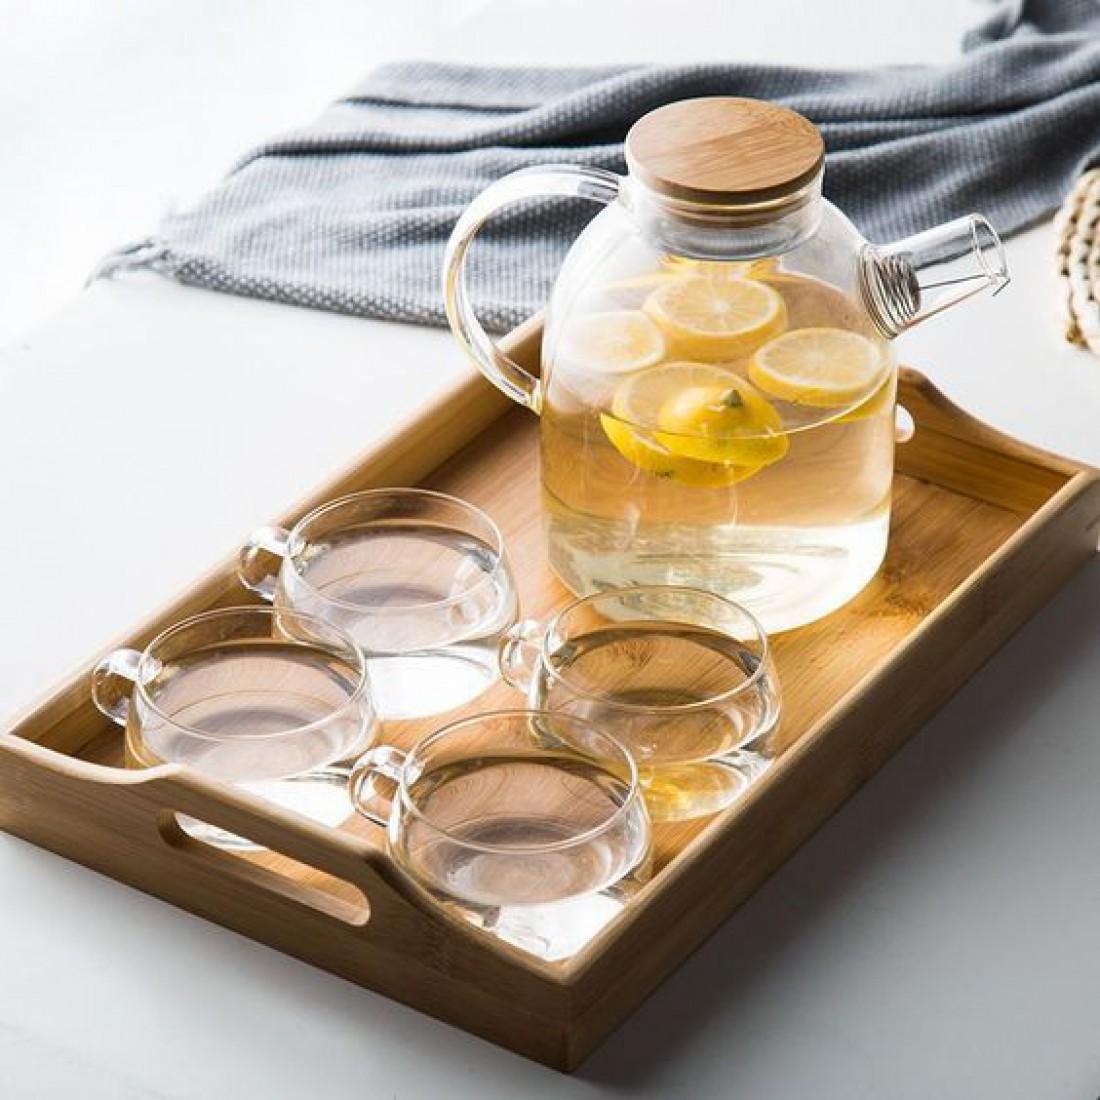 Как выбрать чайный сервиз: 5 полезных советов